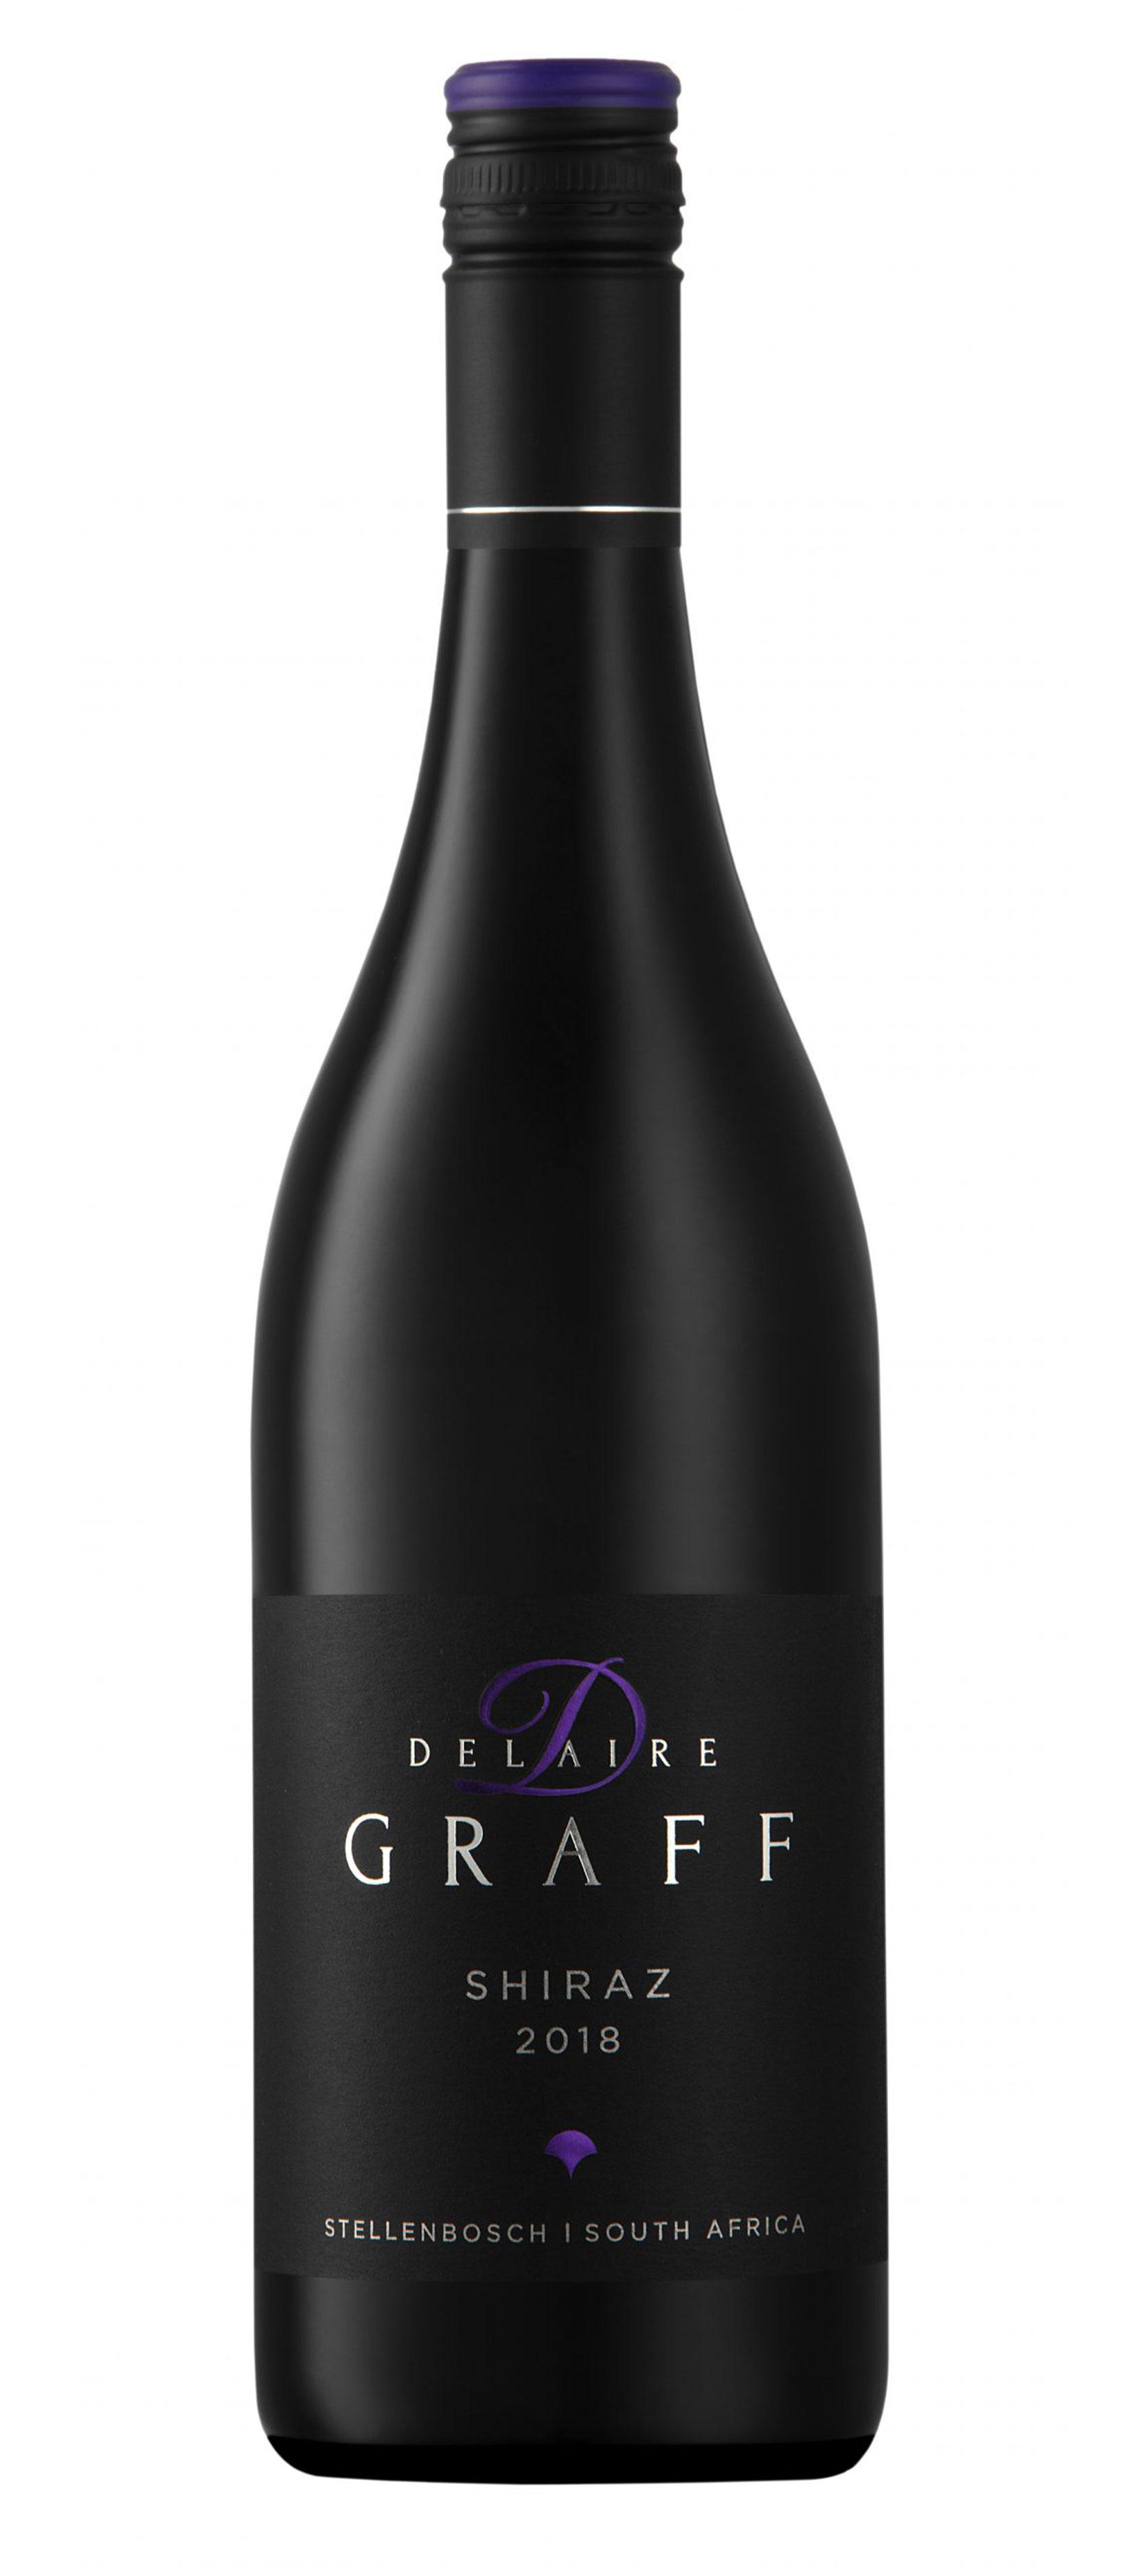 A bottle of Delaire Graff Shiraz 2018